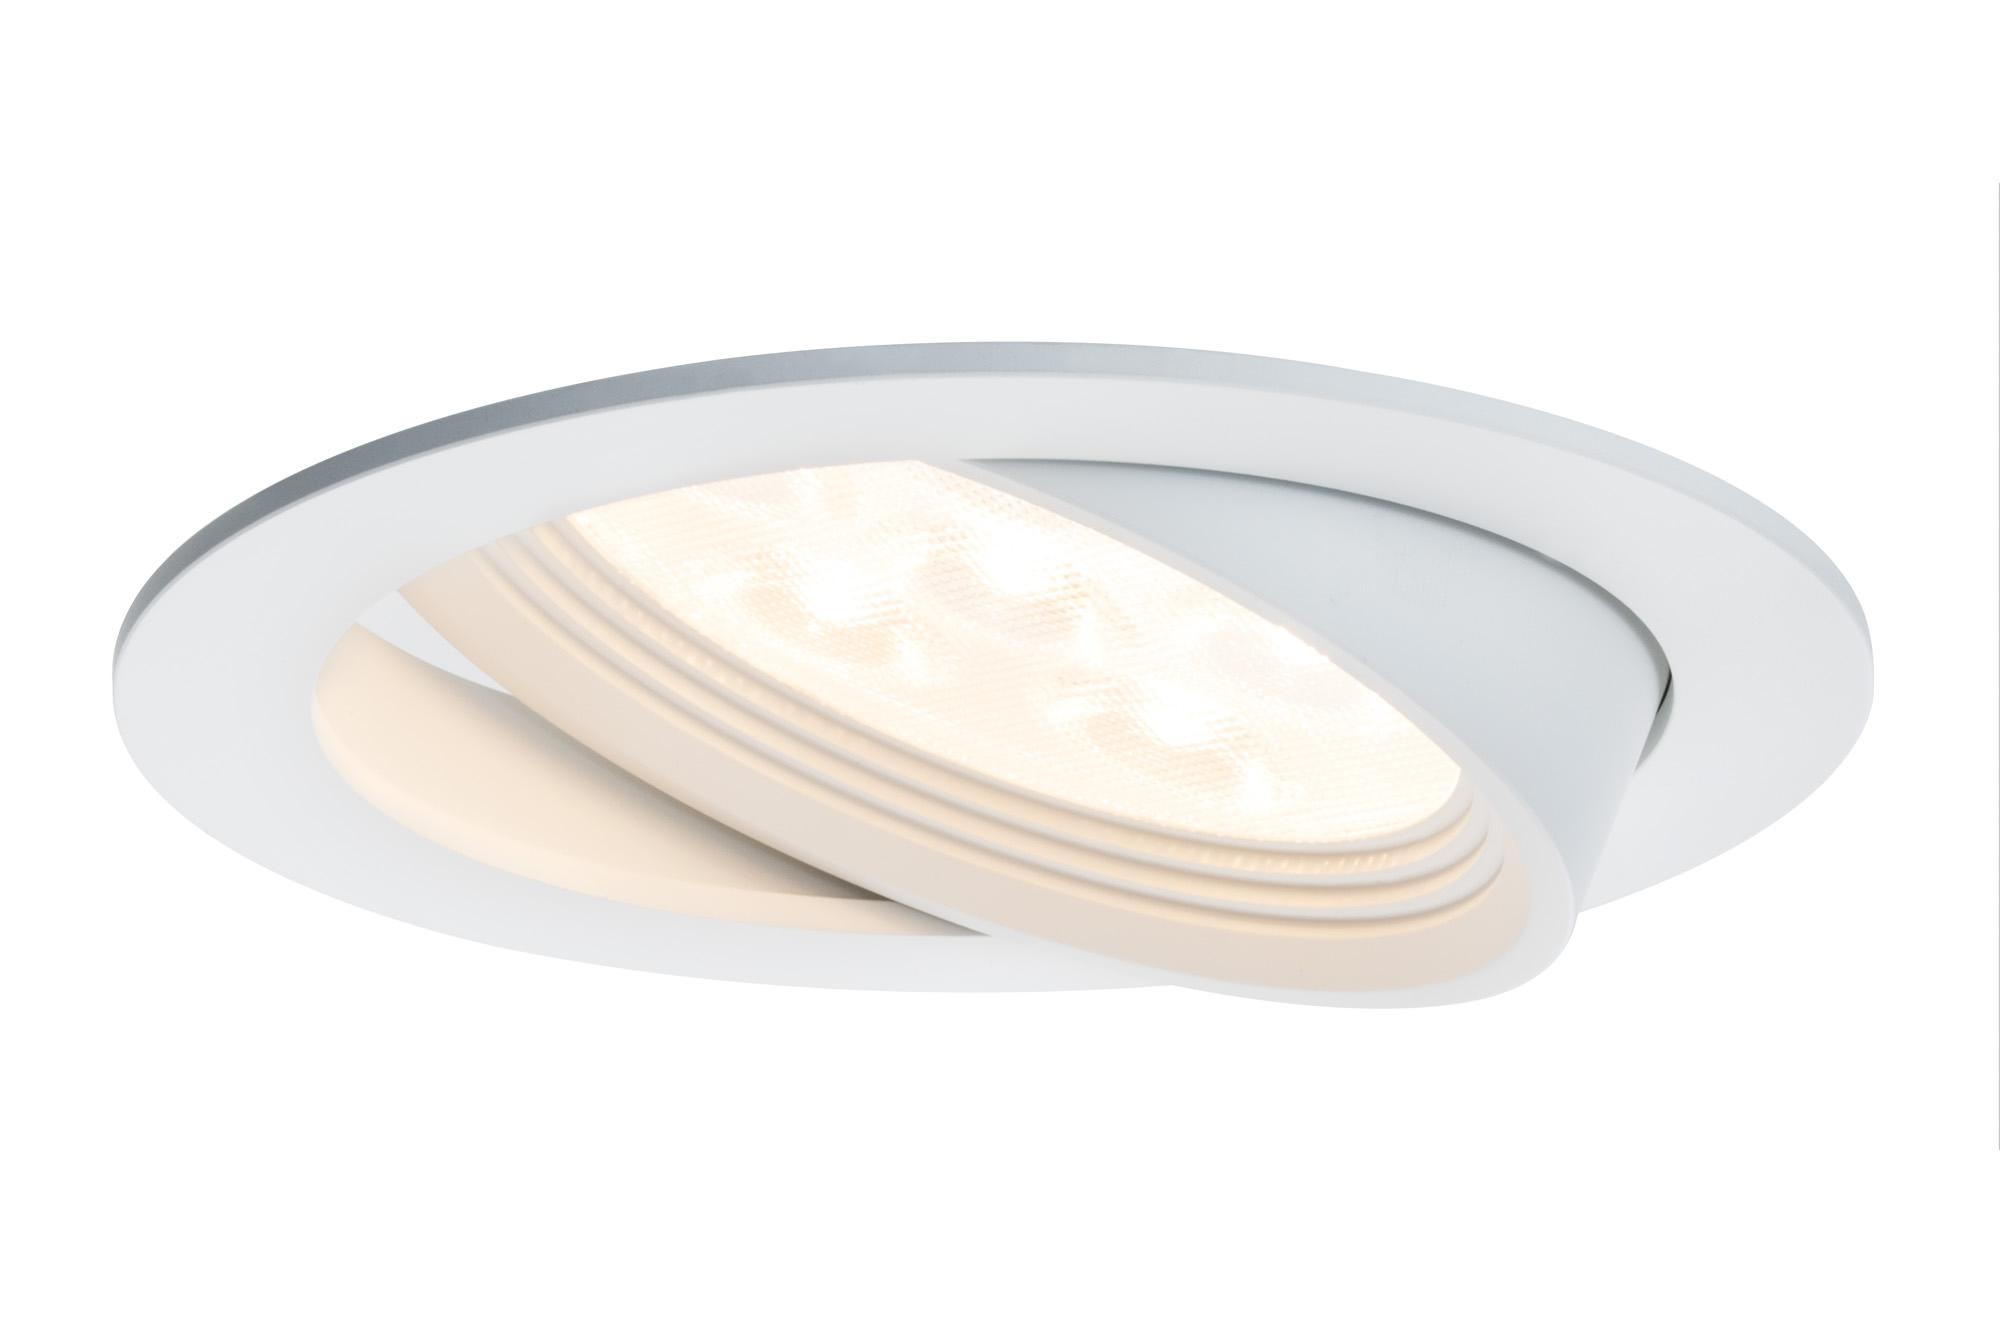 Paulmann. 92688 Комплект встраиваемых светильников Albina schw LED 3x7,2W, белый матовый